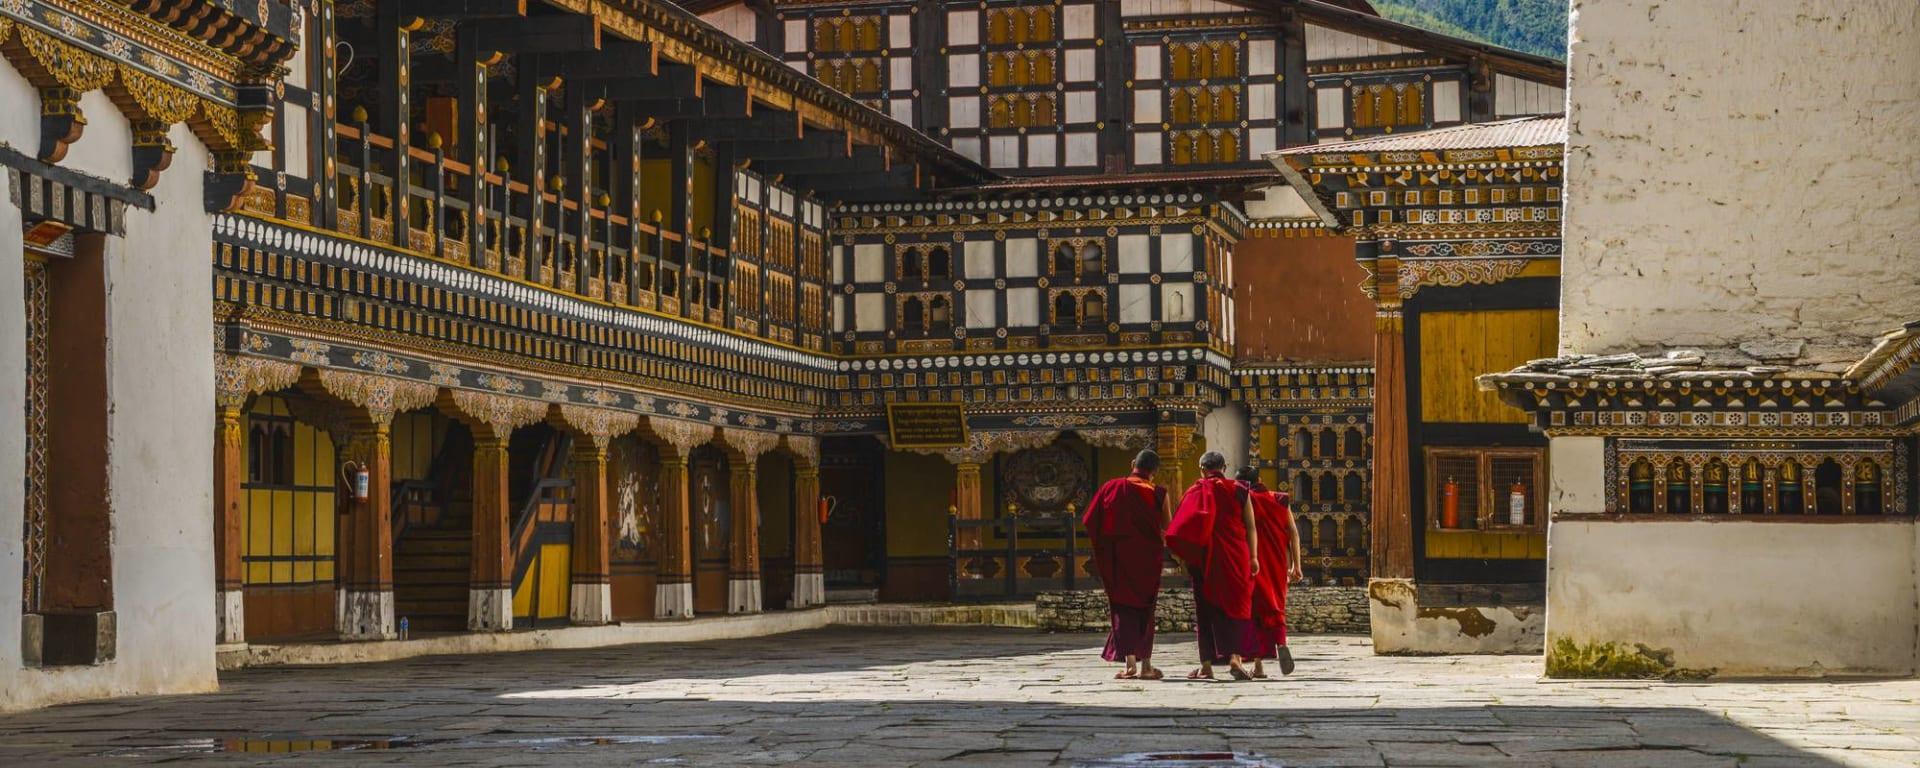 Wissenswertes zu Bhutan Reisen und Ferien: Paro Rinpung Dzong